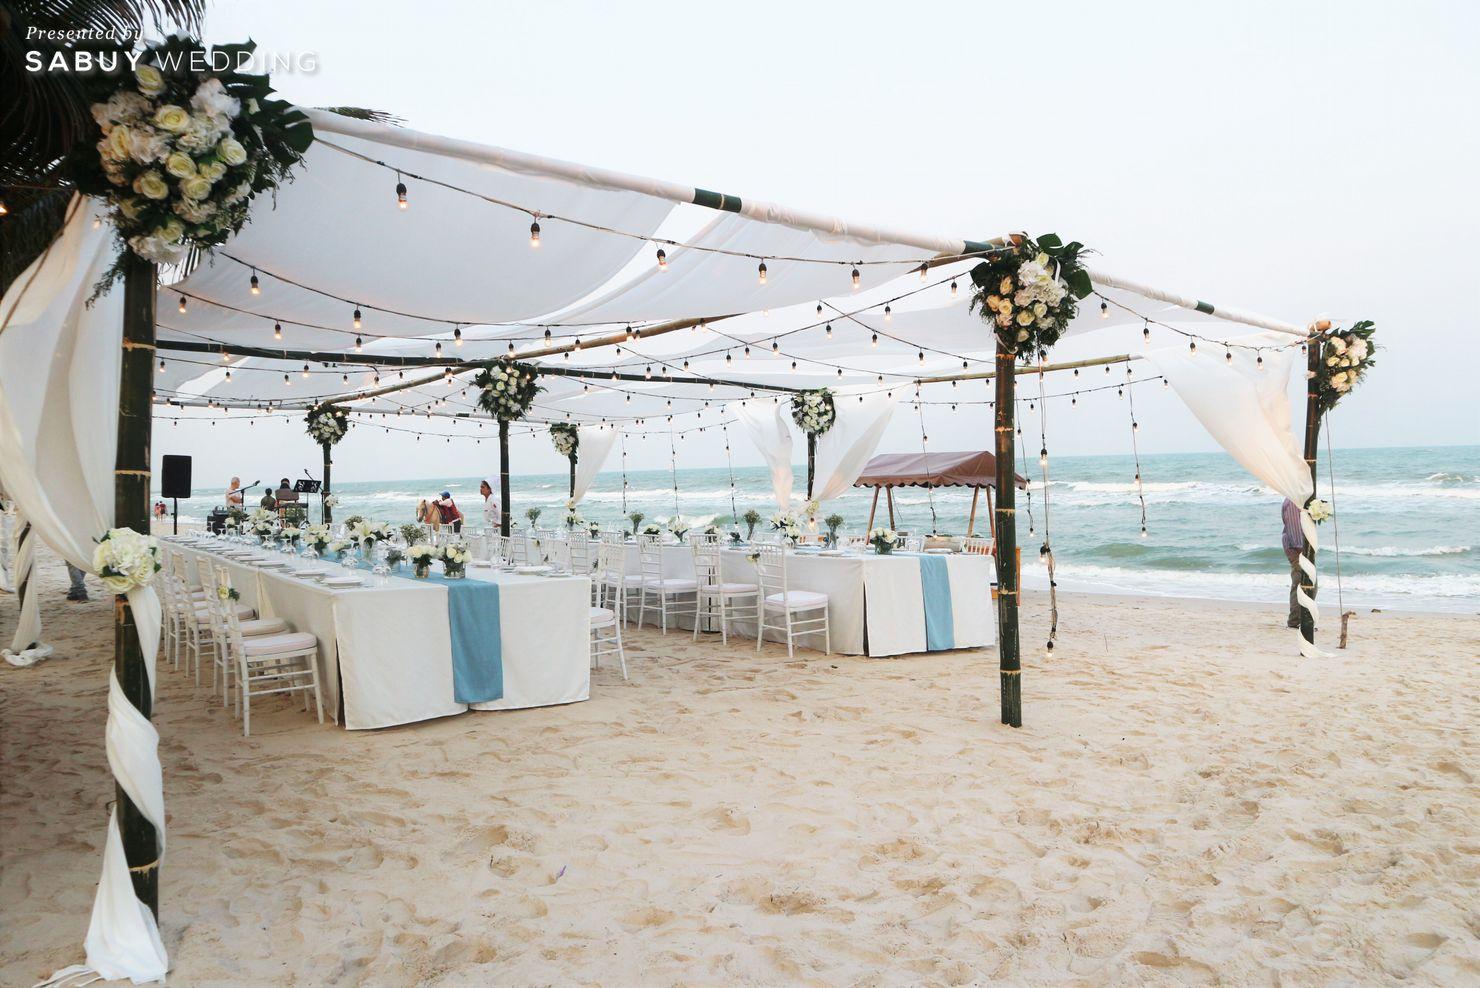 HUA HIN MARRIOTT RESORT & SPA,Marriott Wedding Thailand,แมริออท ประเทศไทย,สถานที่แต่งงาน,สถานที่จัดงานแต่งงาน,โรงแรม,งานแต่งงาน,งานแต่ง outdoor,งานแต่งริมทะเล,งานแต่งชายทะเล ครบทุกความต้องการของบ่าวสาว กับ 40 สถานที่แต่งงานในเครือ Marriott